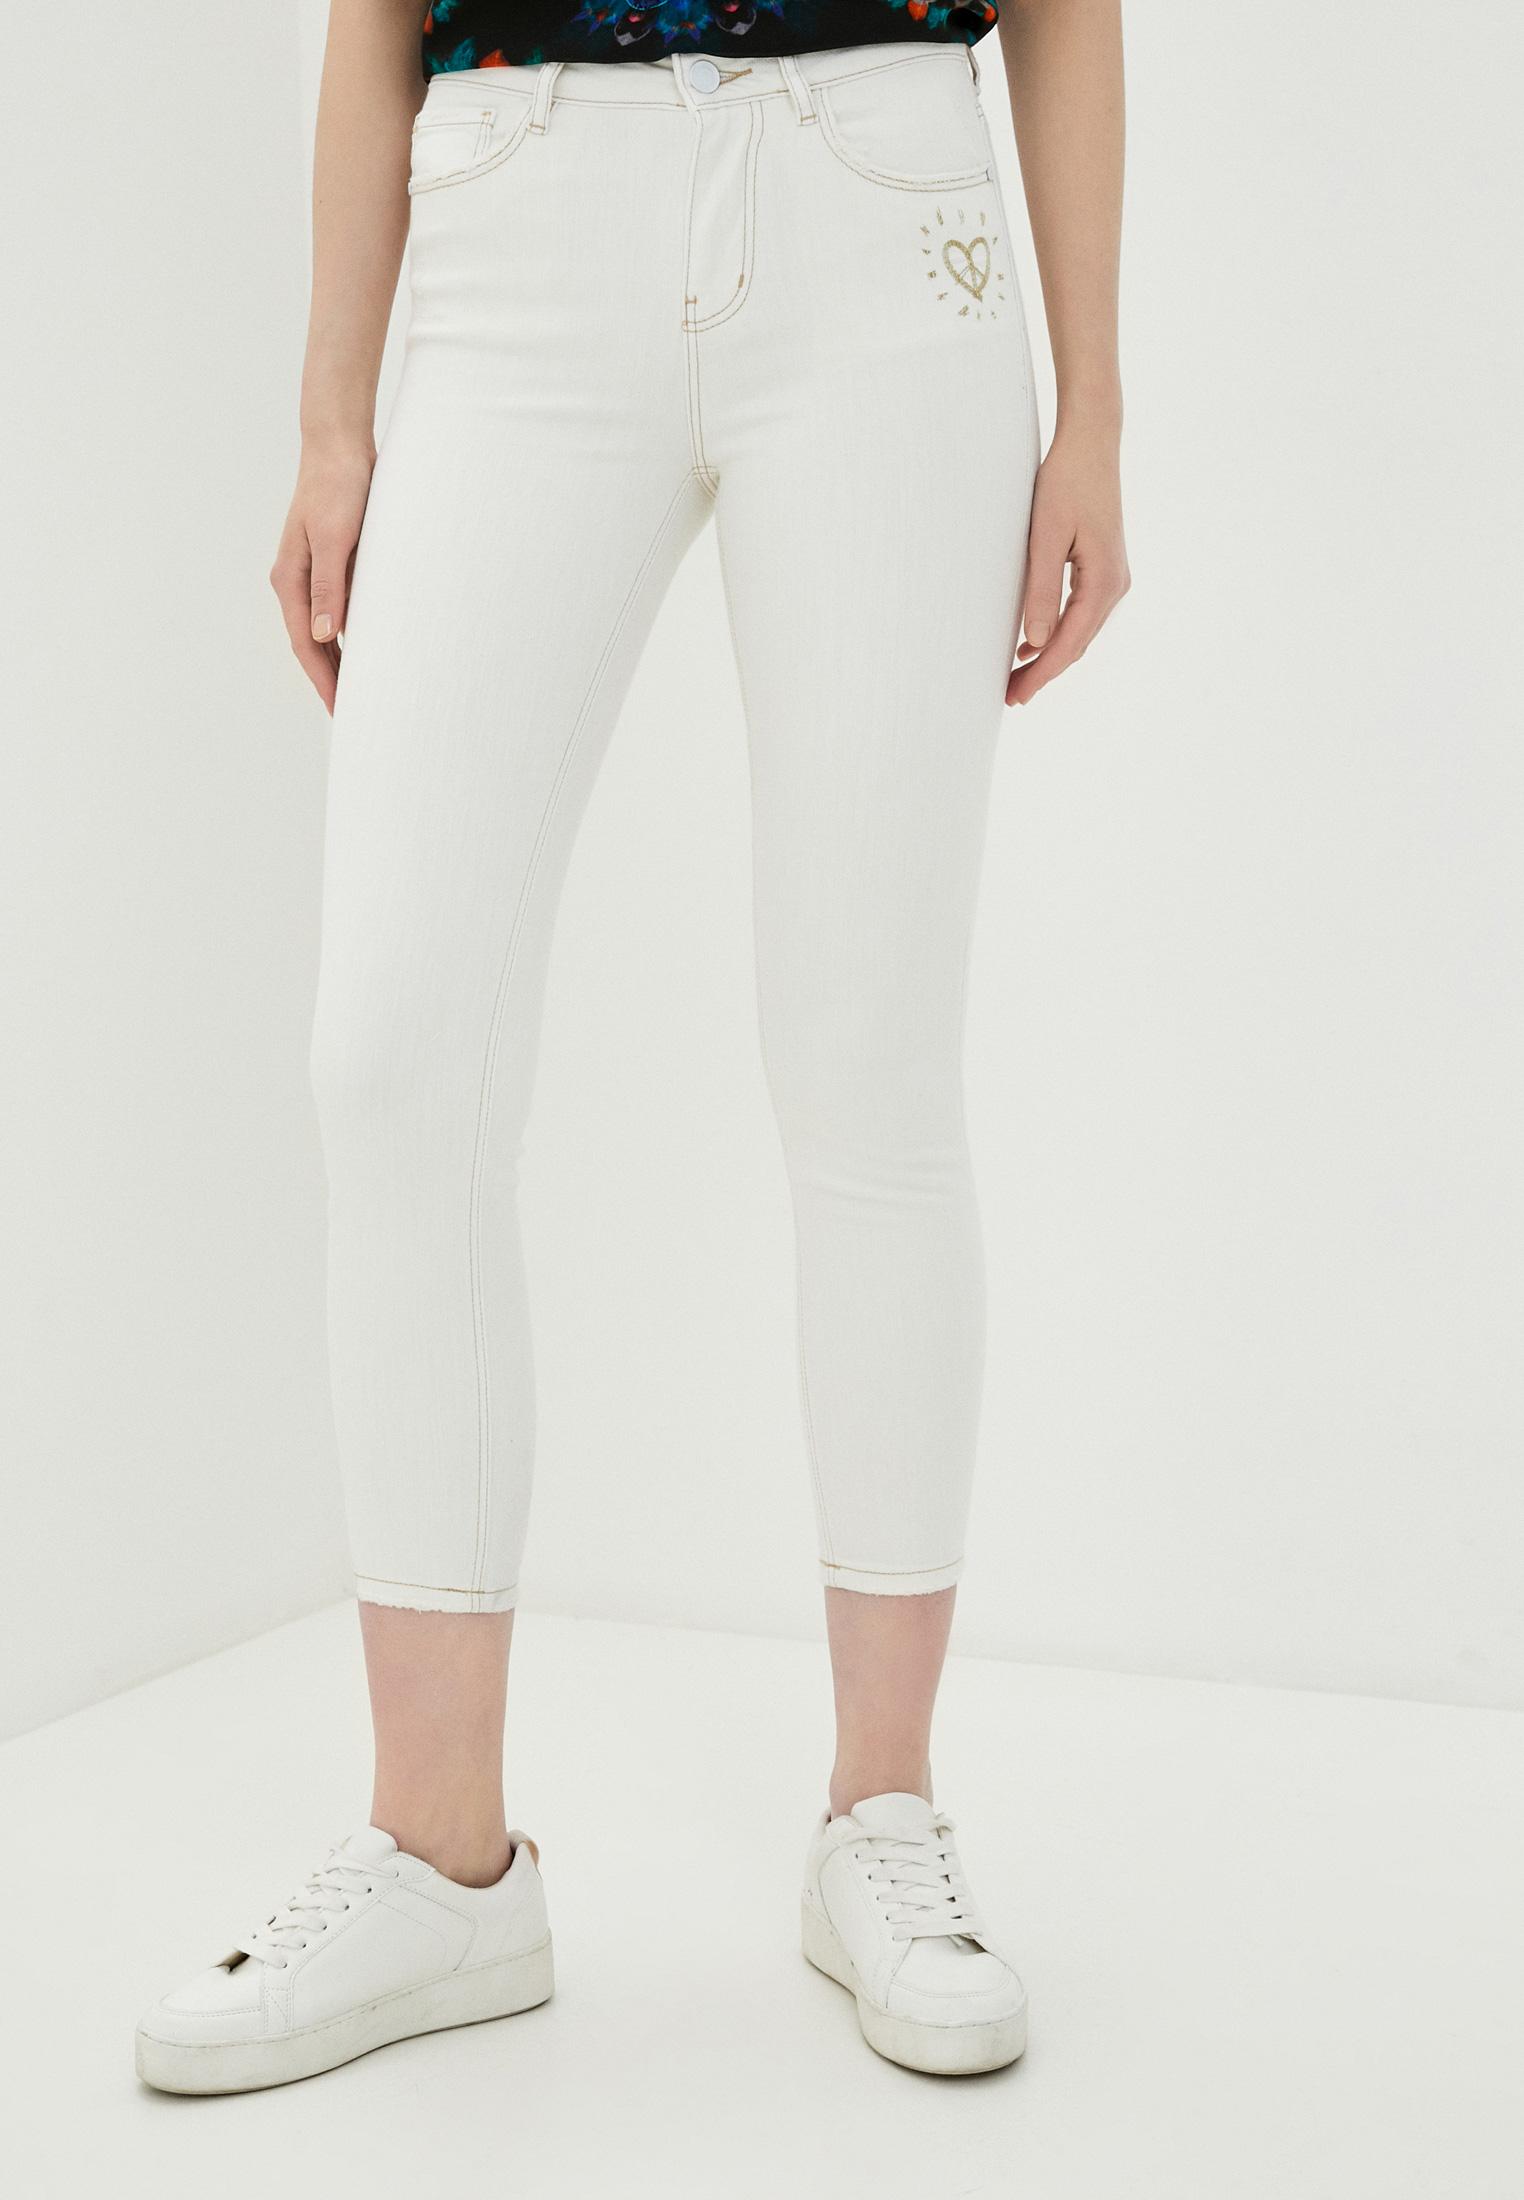 Зауженные джинсы Desigual (Дезигуаль) 20SWDD40